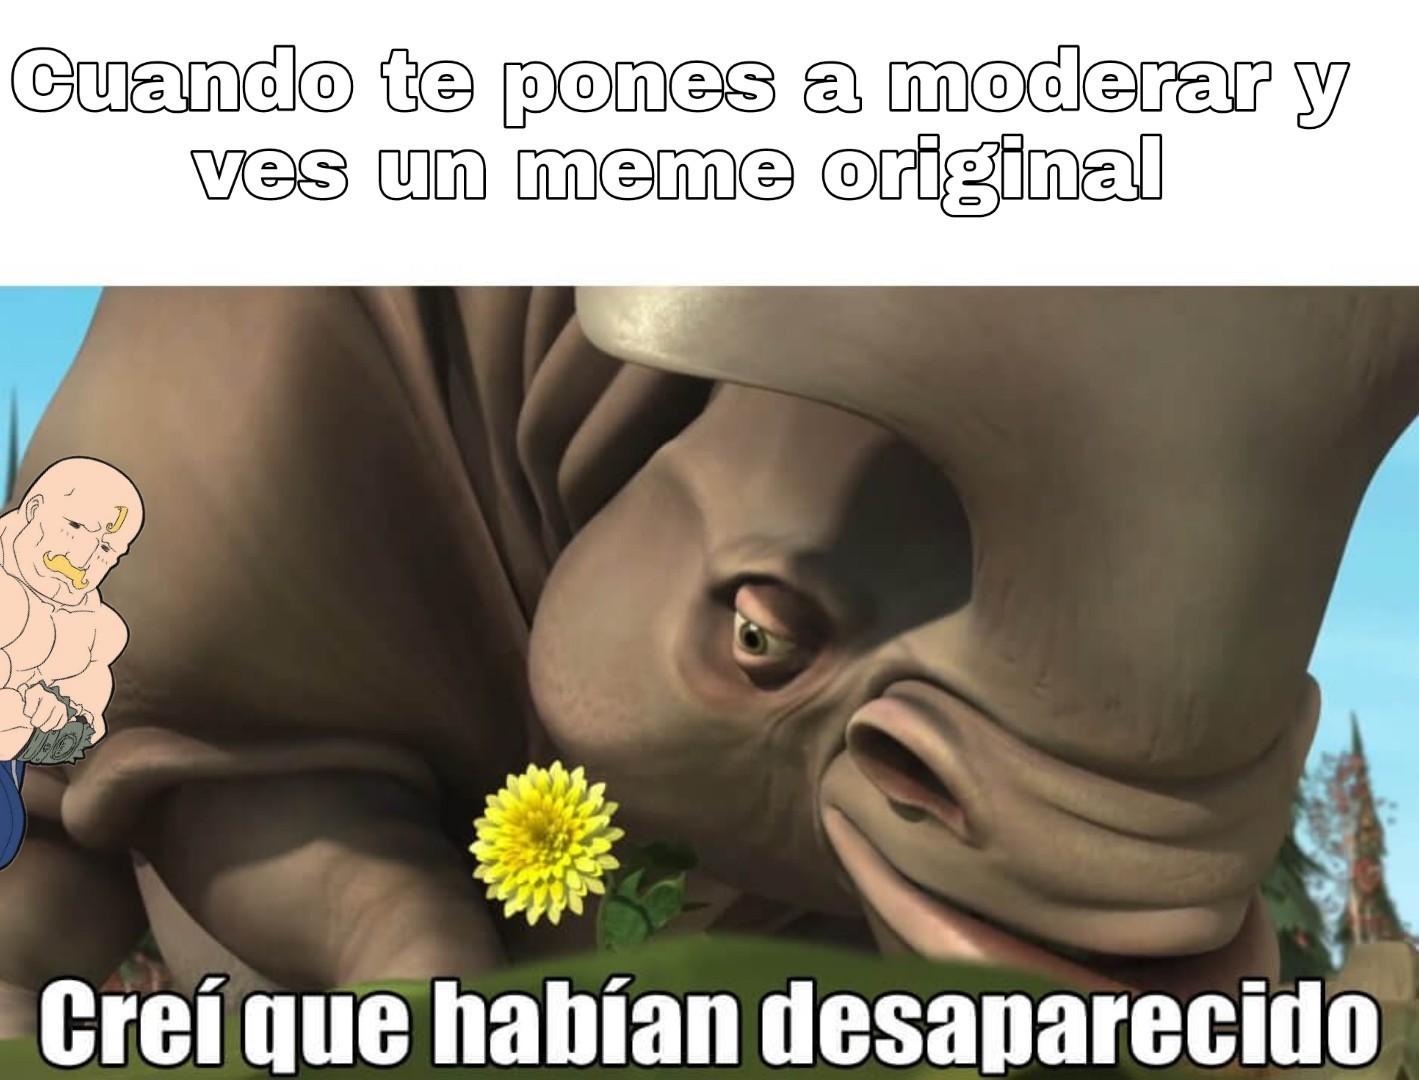 Plantilla antigua - meme